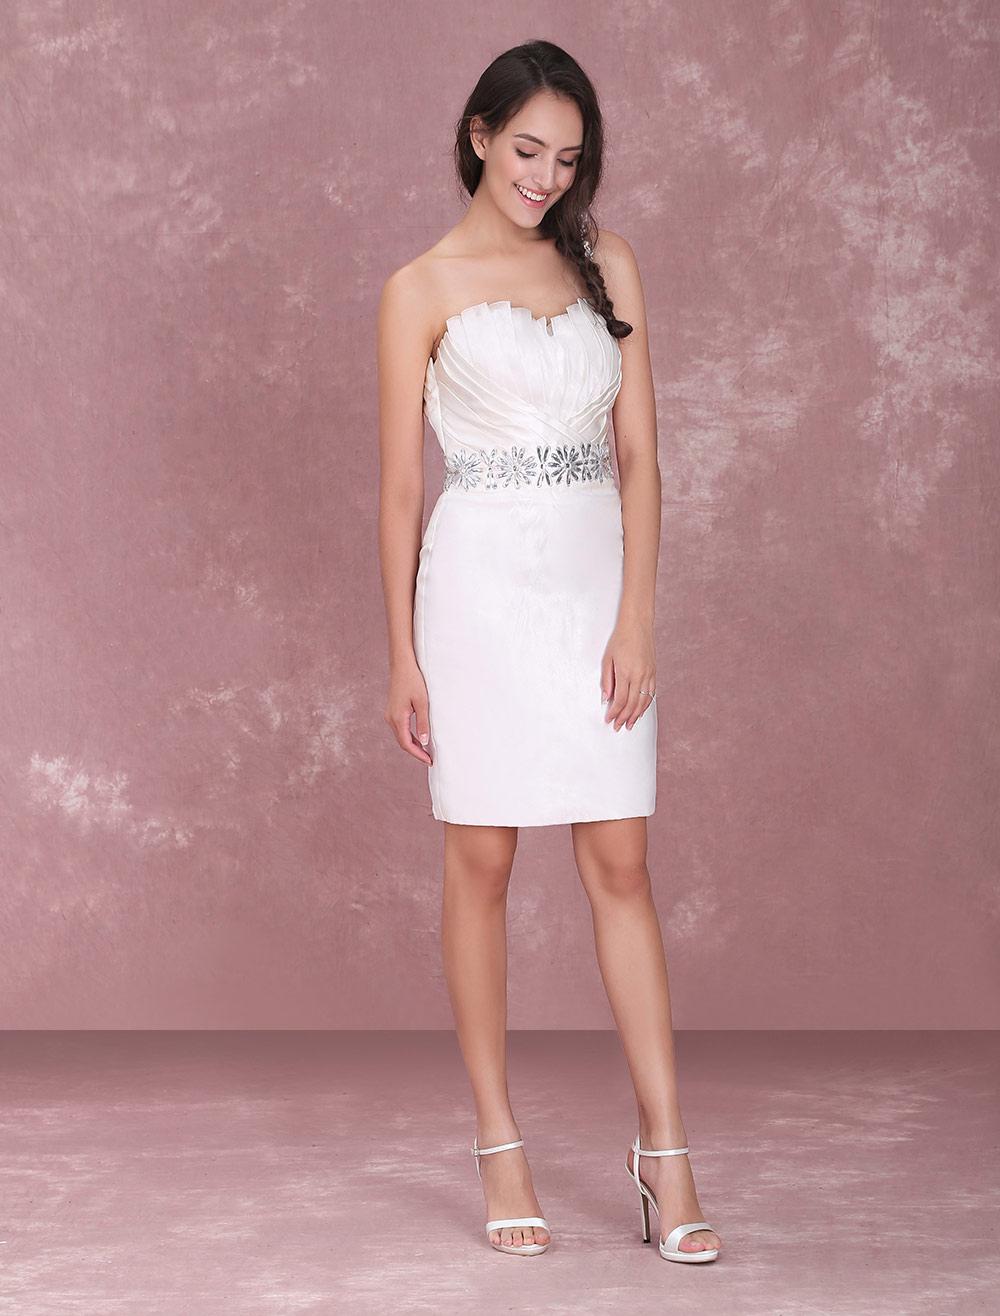 0decd04addaf ... Ivory Sheath Sweetheart Neck Rhinestone Organza Bridal Wedding Dress  Milanoo-No. ...